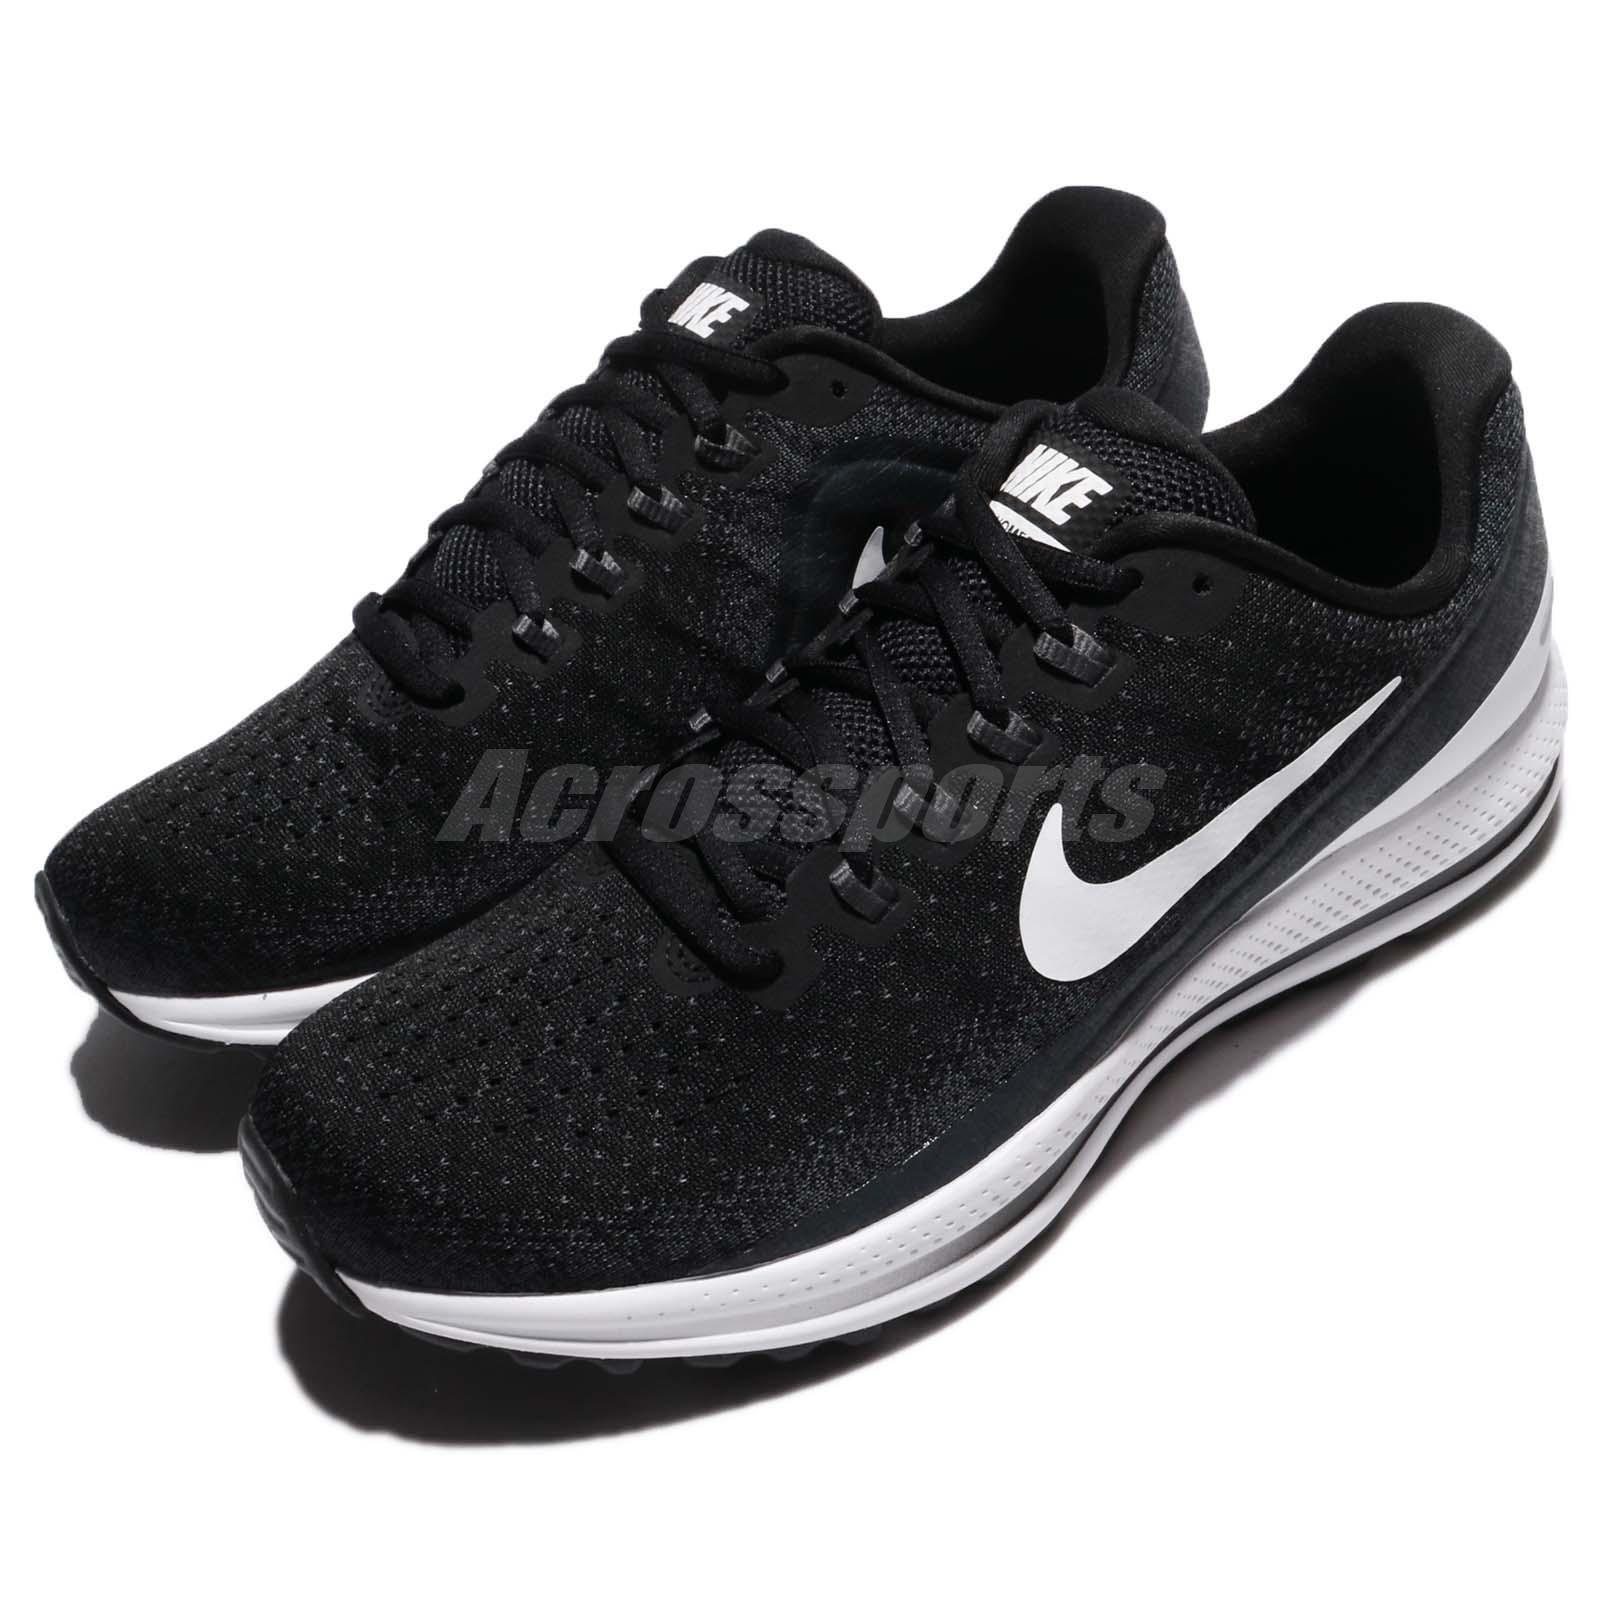 Nike Air Zoom Vomero 13 Noir blanc Anthracite Hommes Running Chaussures 922908-001